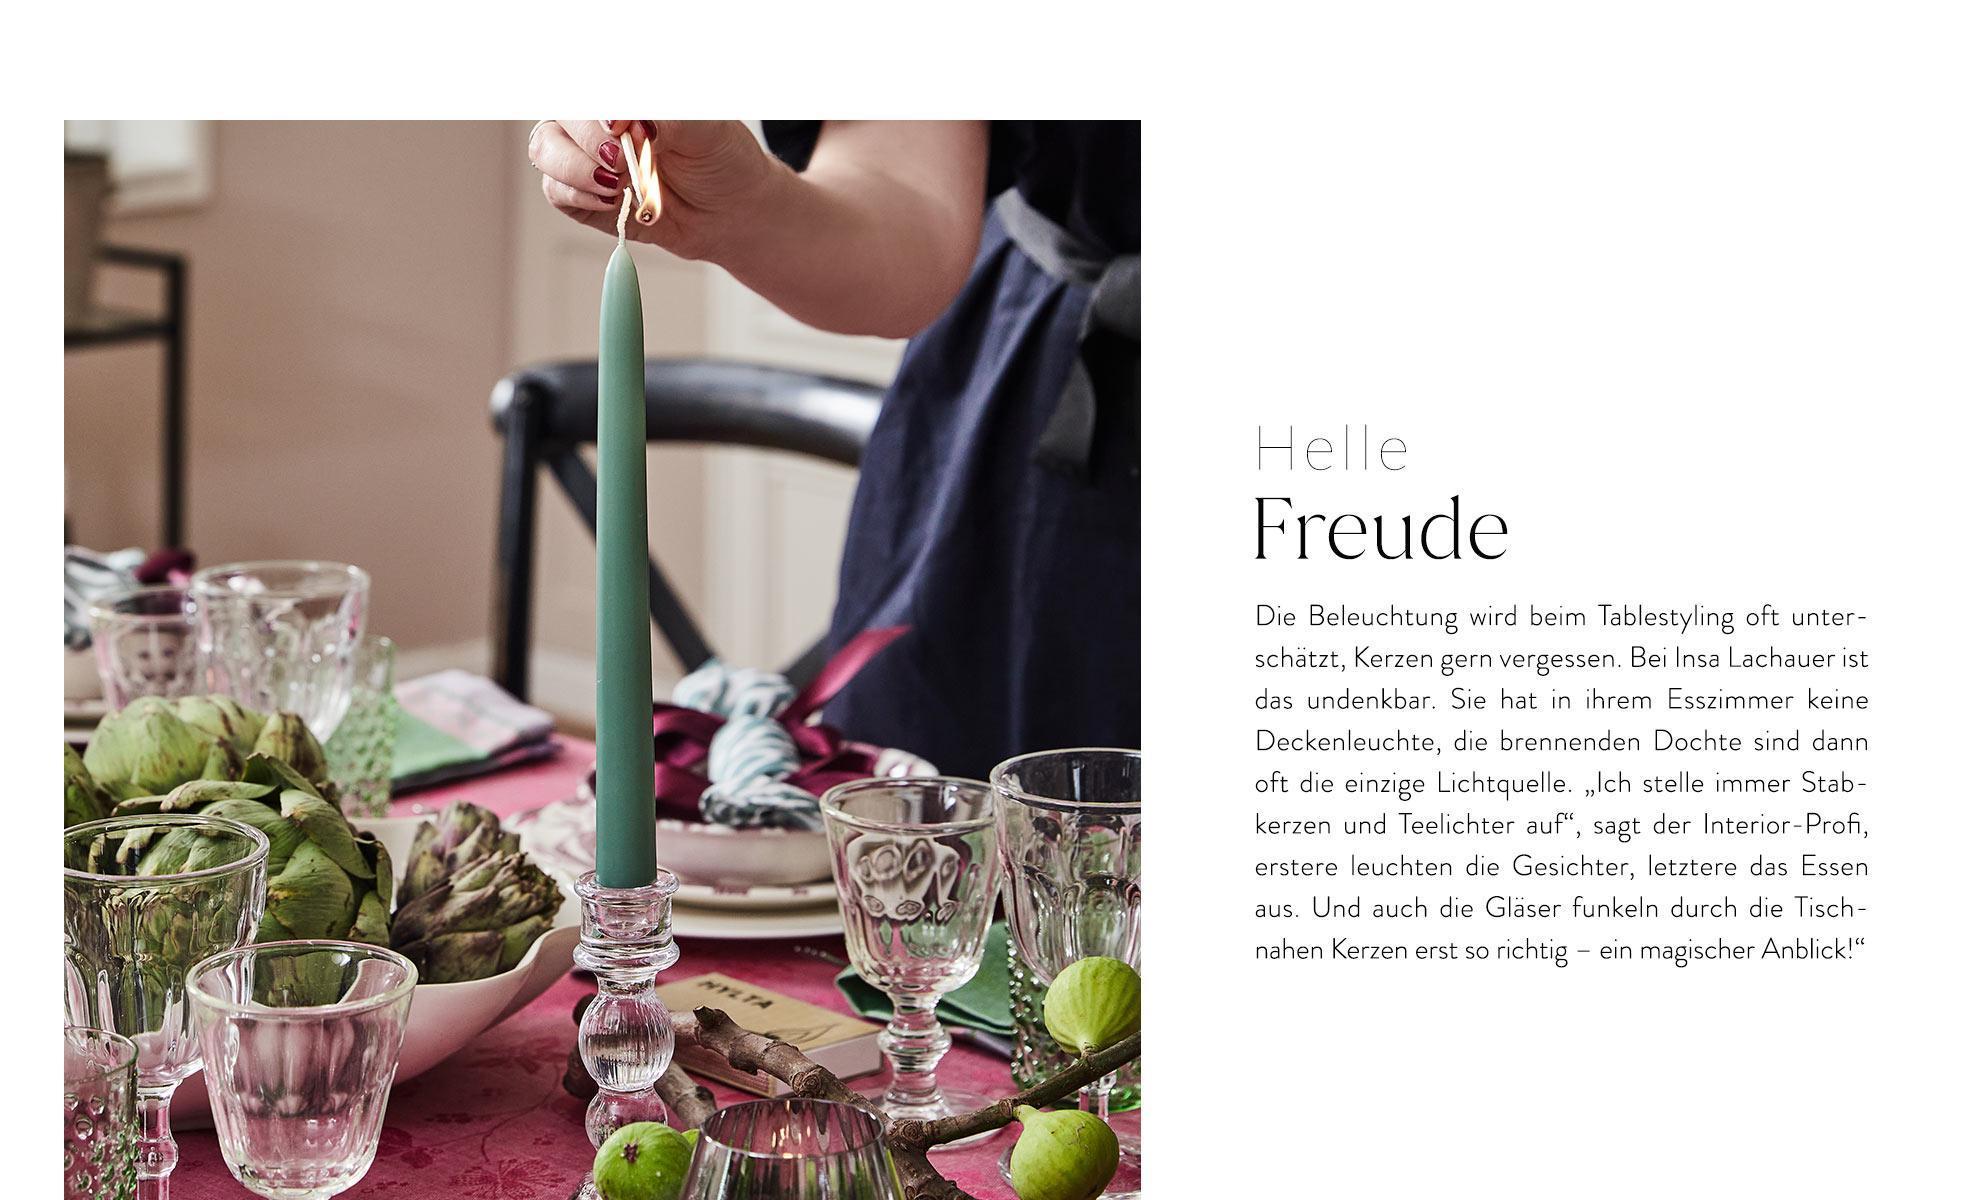 thanksgiving deko Insa Lachauer Tipps Kerzen Beleuchtung